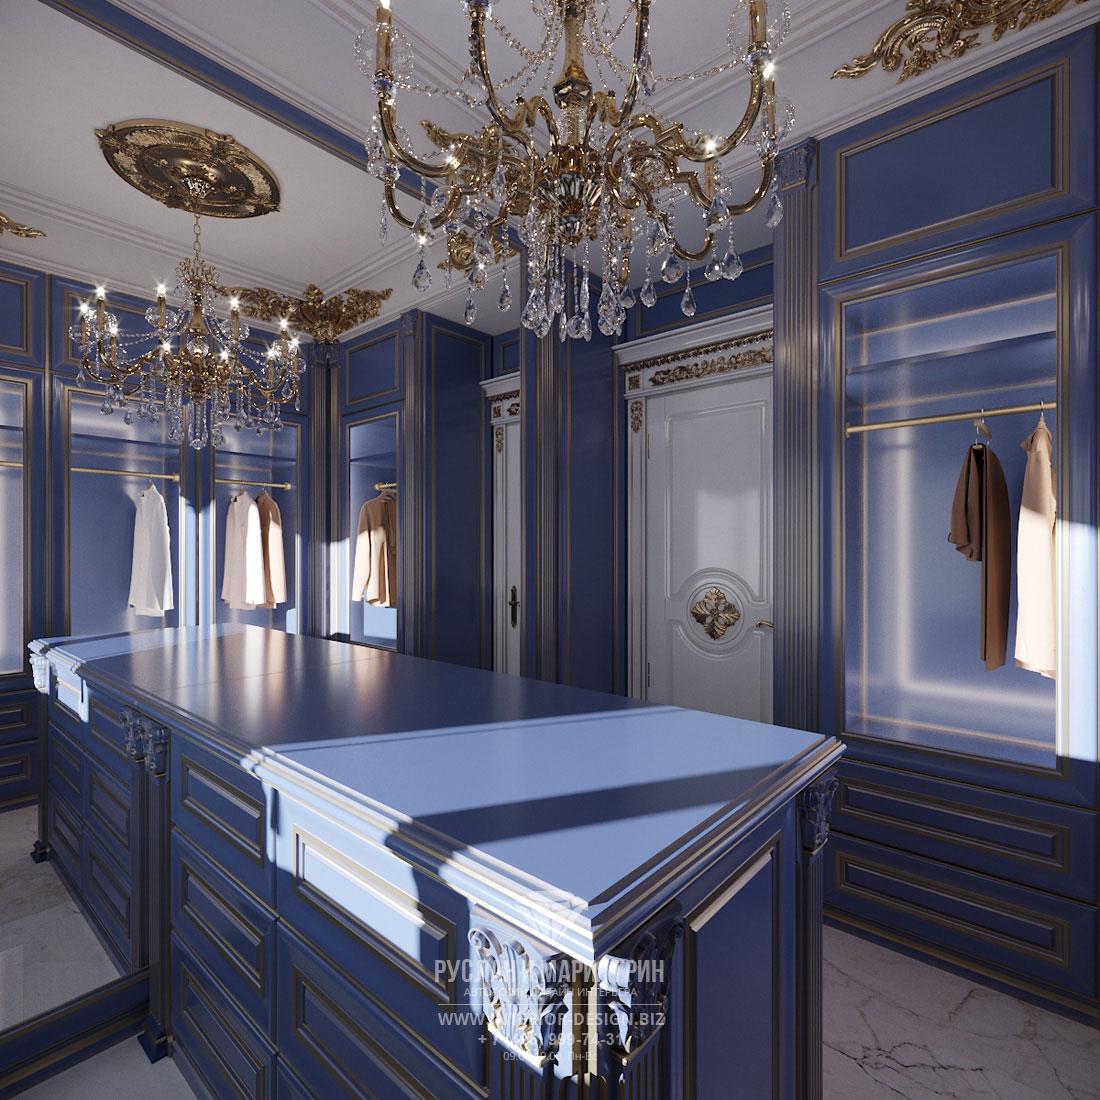 Дизайн интерьера гардеробной комнаты в доме